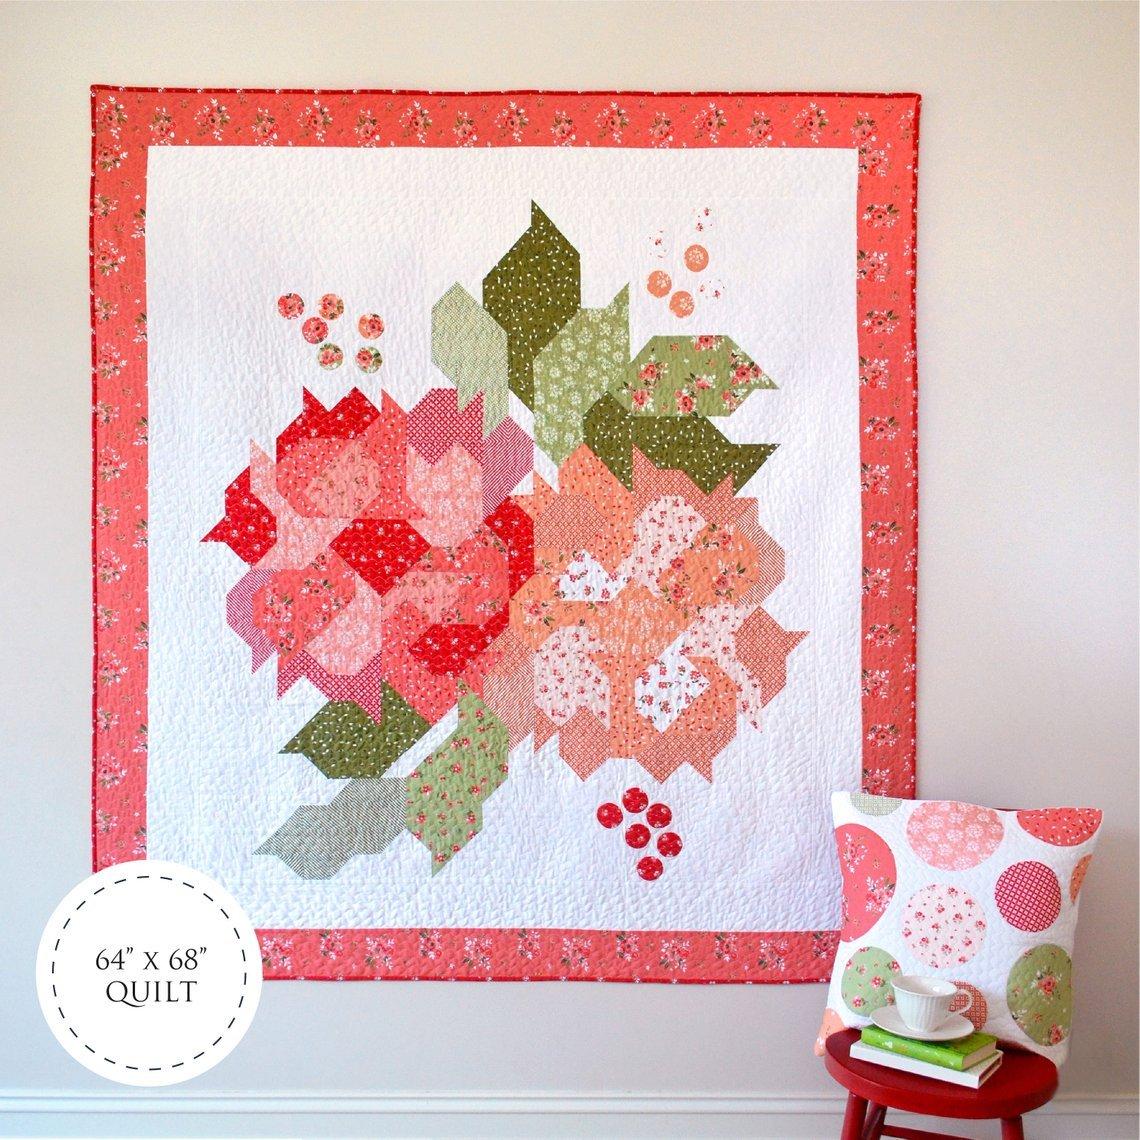 Blushing Blooms Quilt Kit